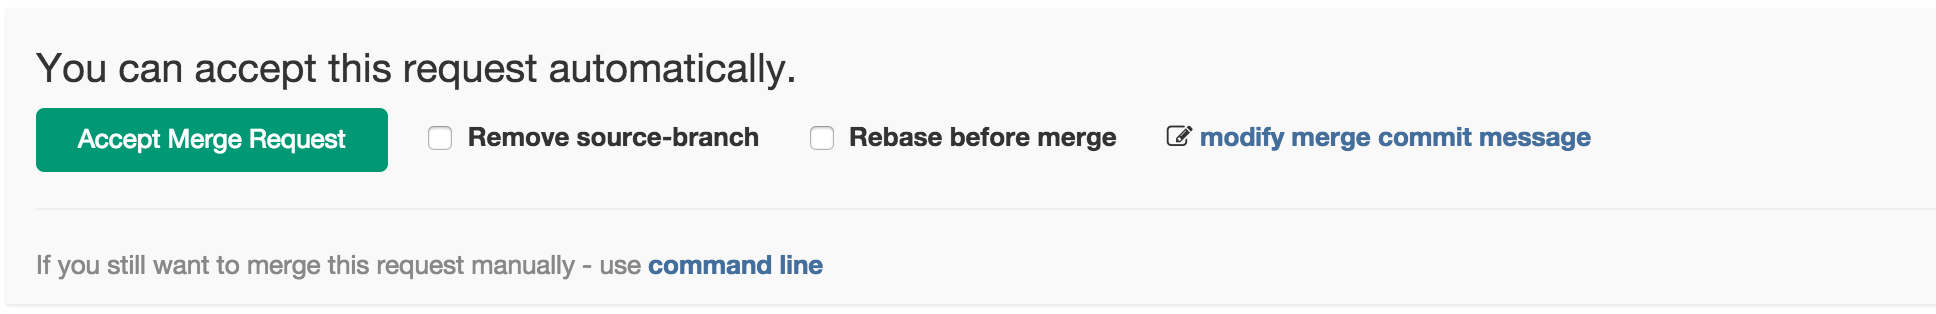 Merge request widget